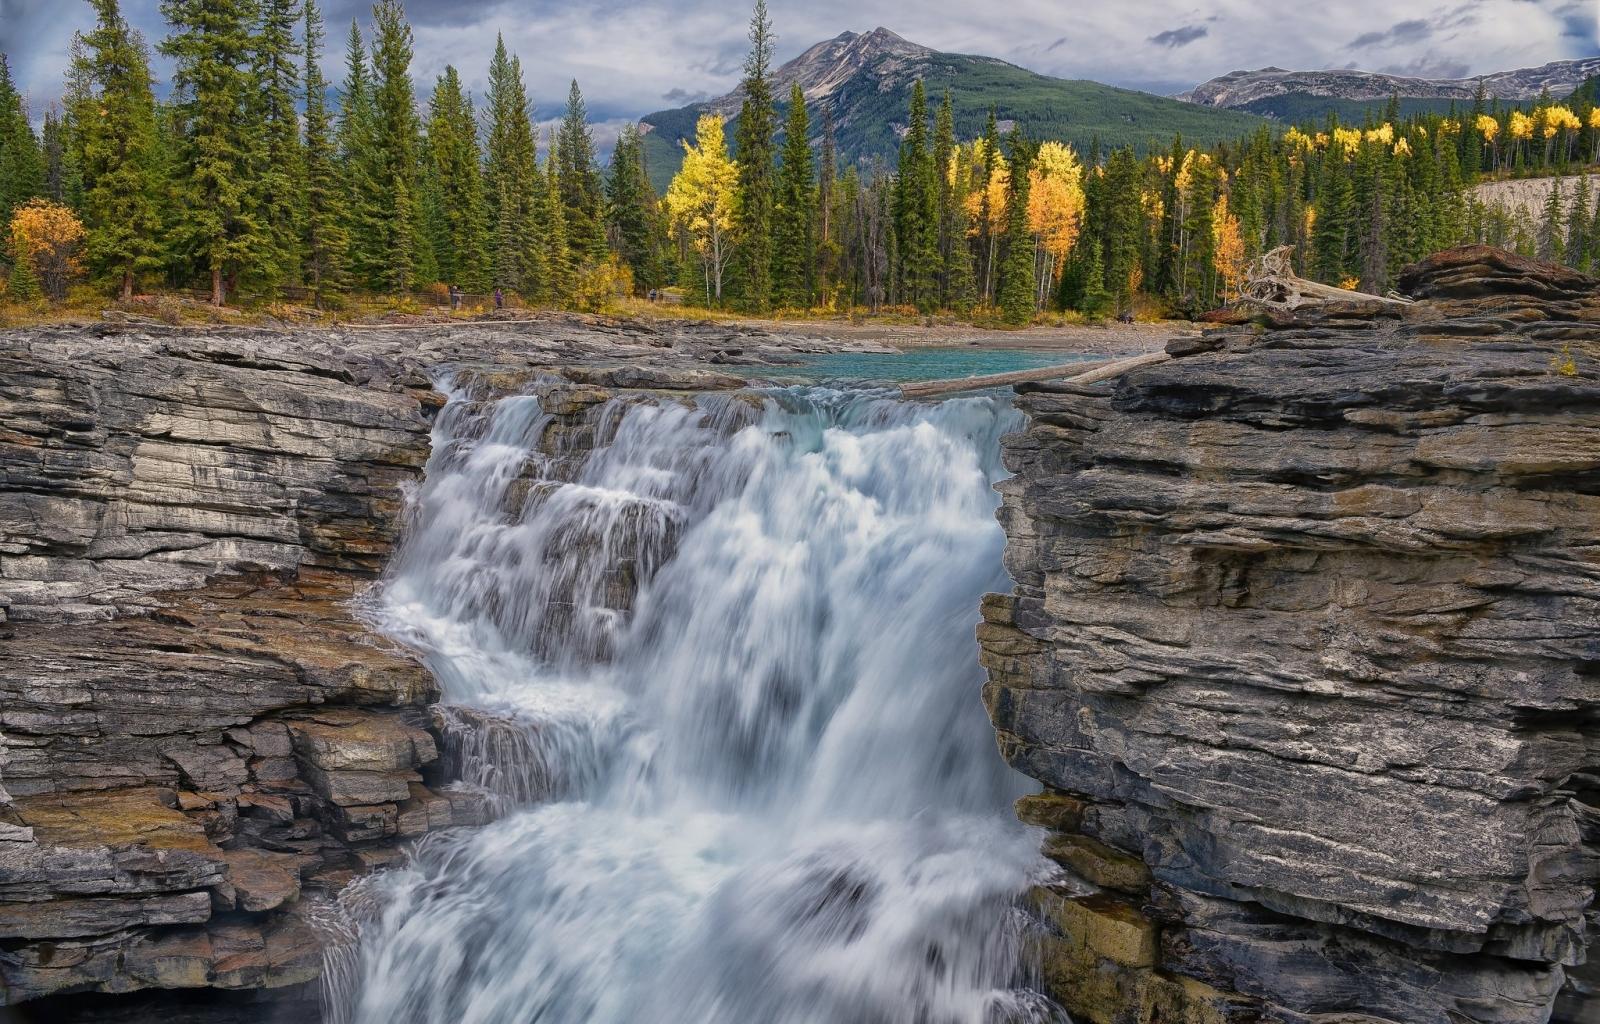 30173 Заставки и Обои Водопады на телефон. Скачать Пейзаж, Водопады картинки бесплатно